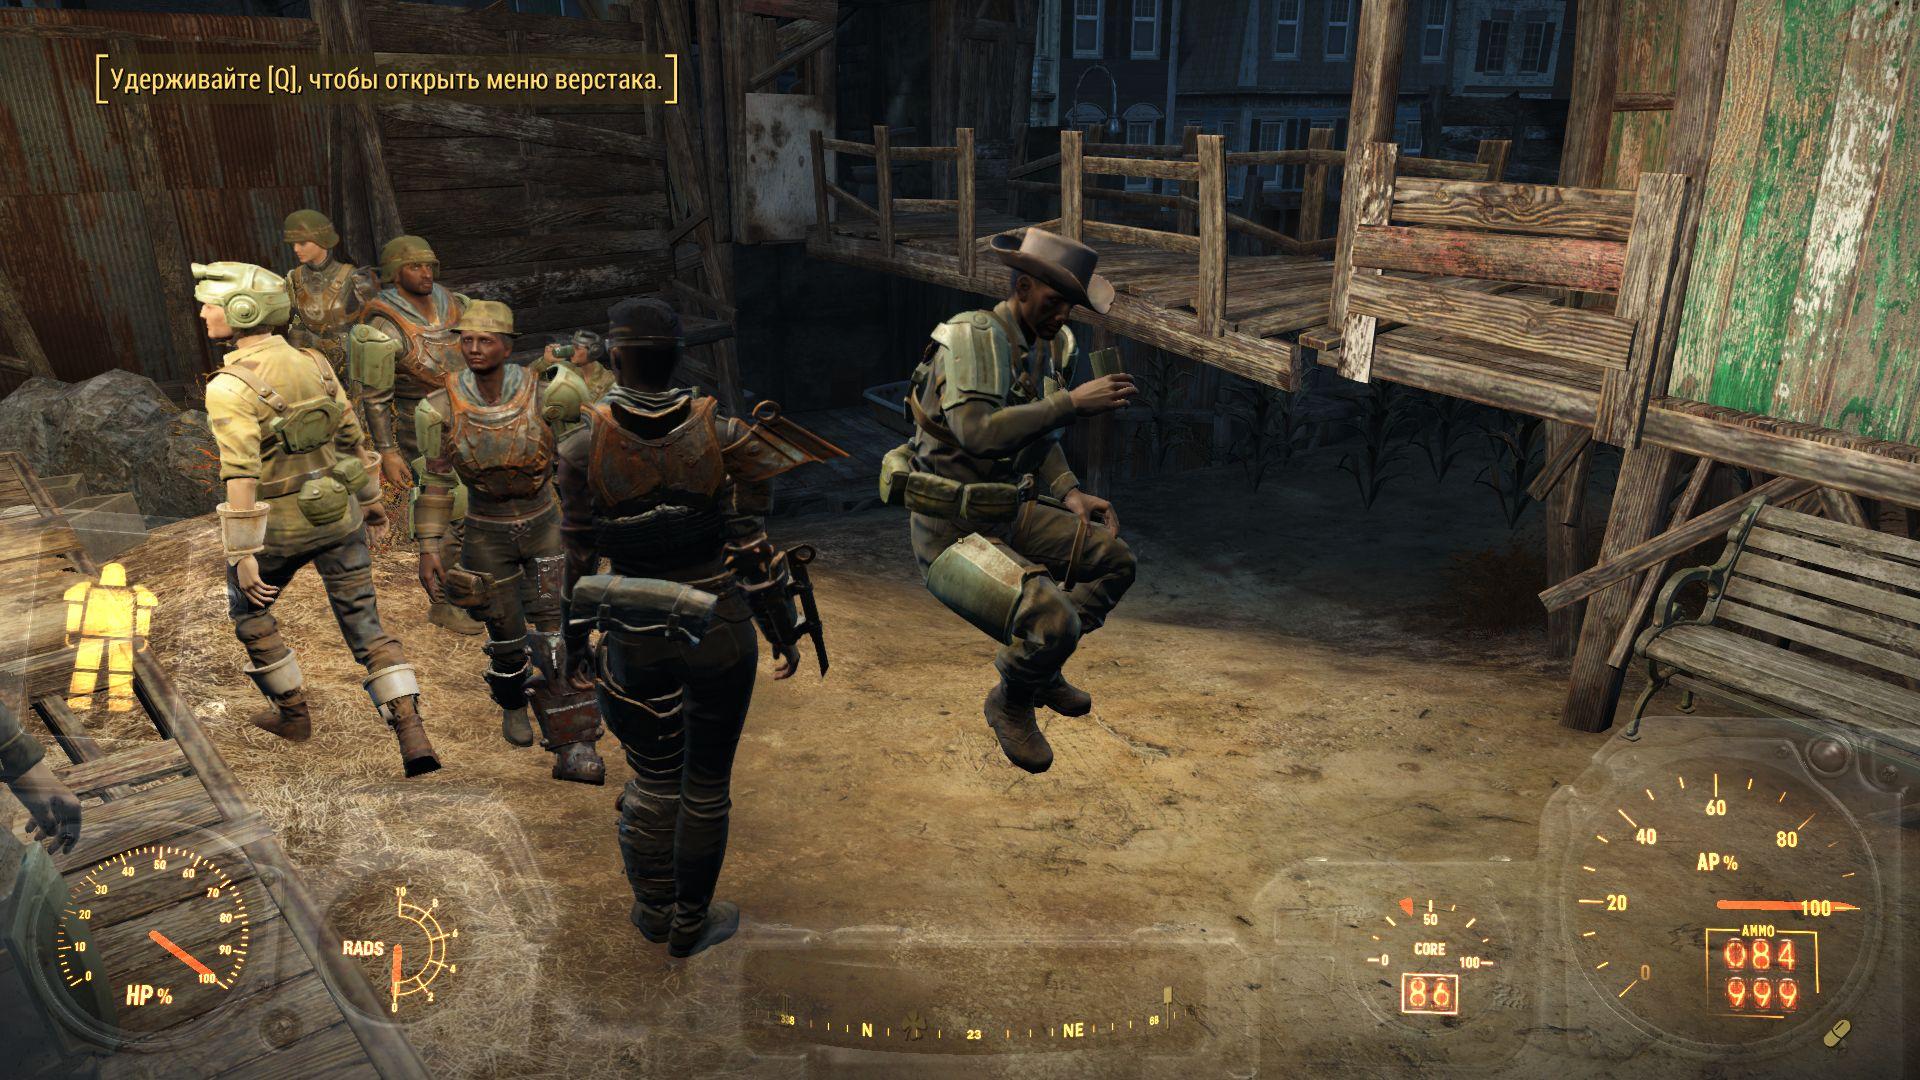 Хочешь полетать? Левитируй! - Fallout 4 баг, поселение, поселенцы, сидит в воздухе